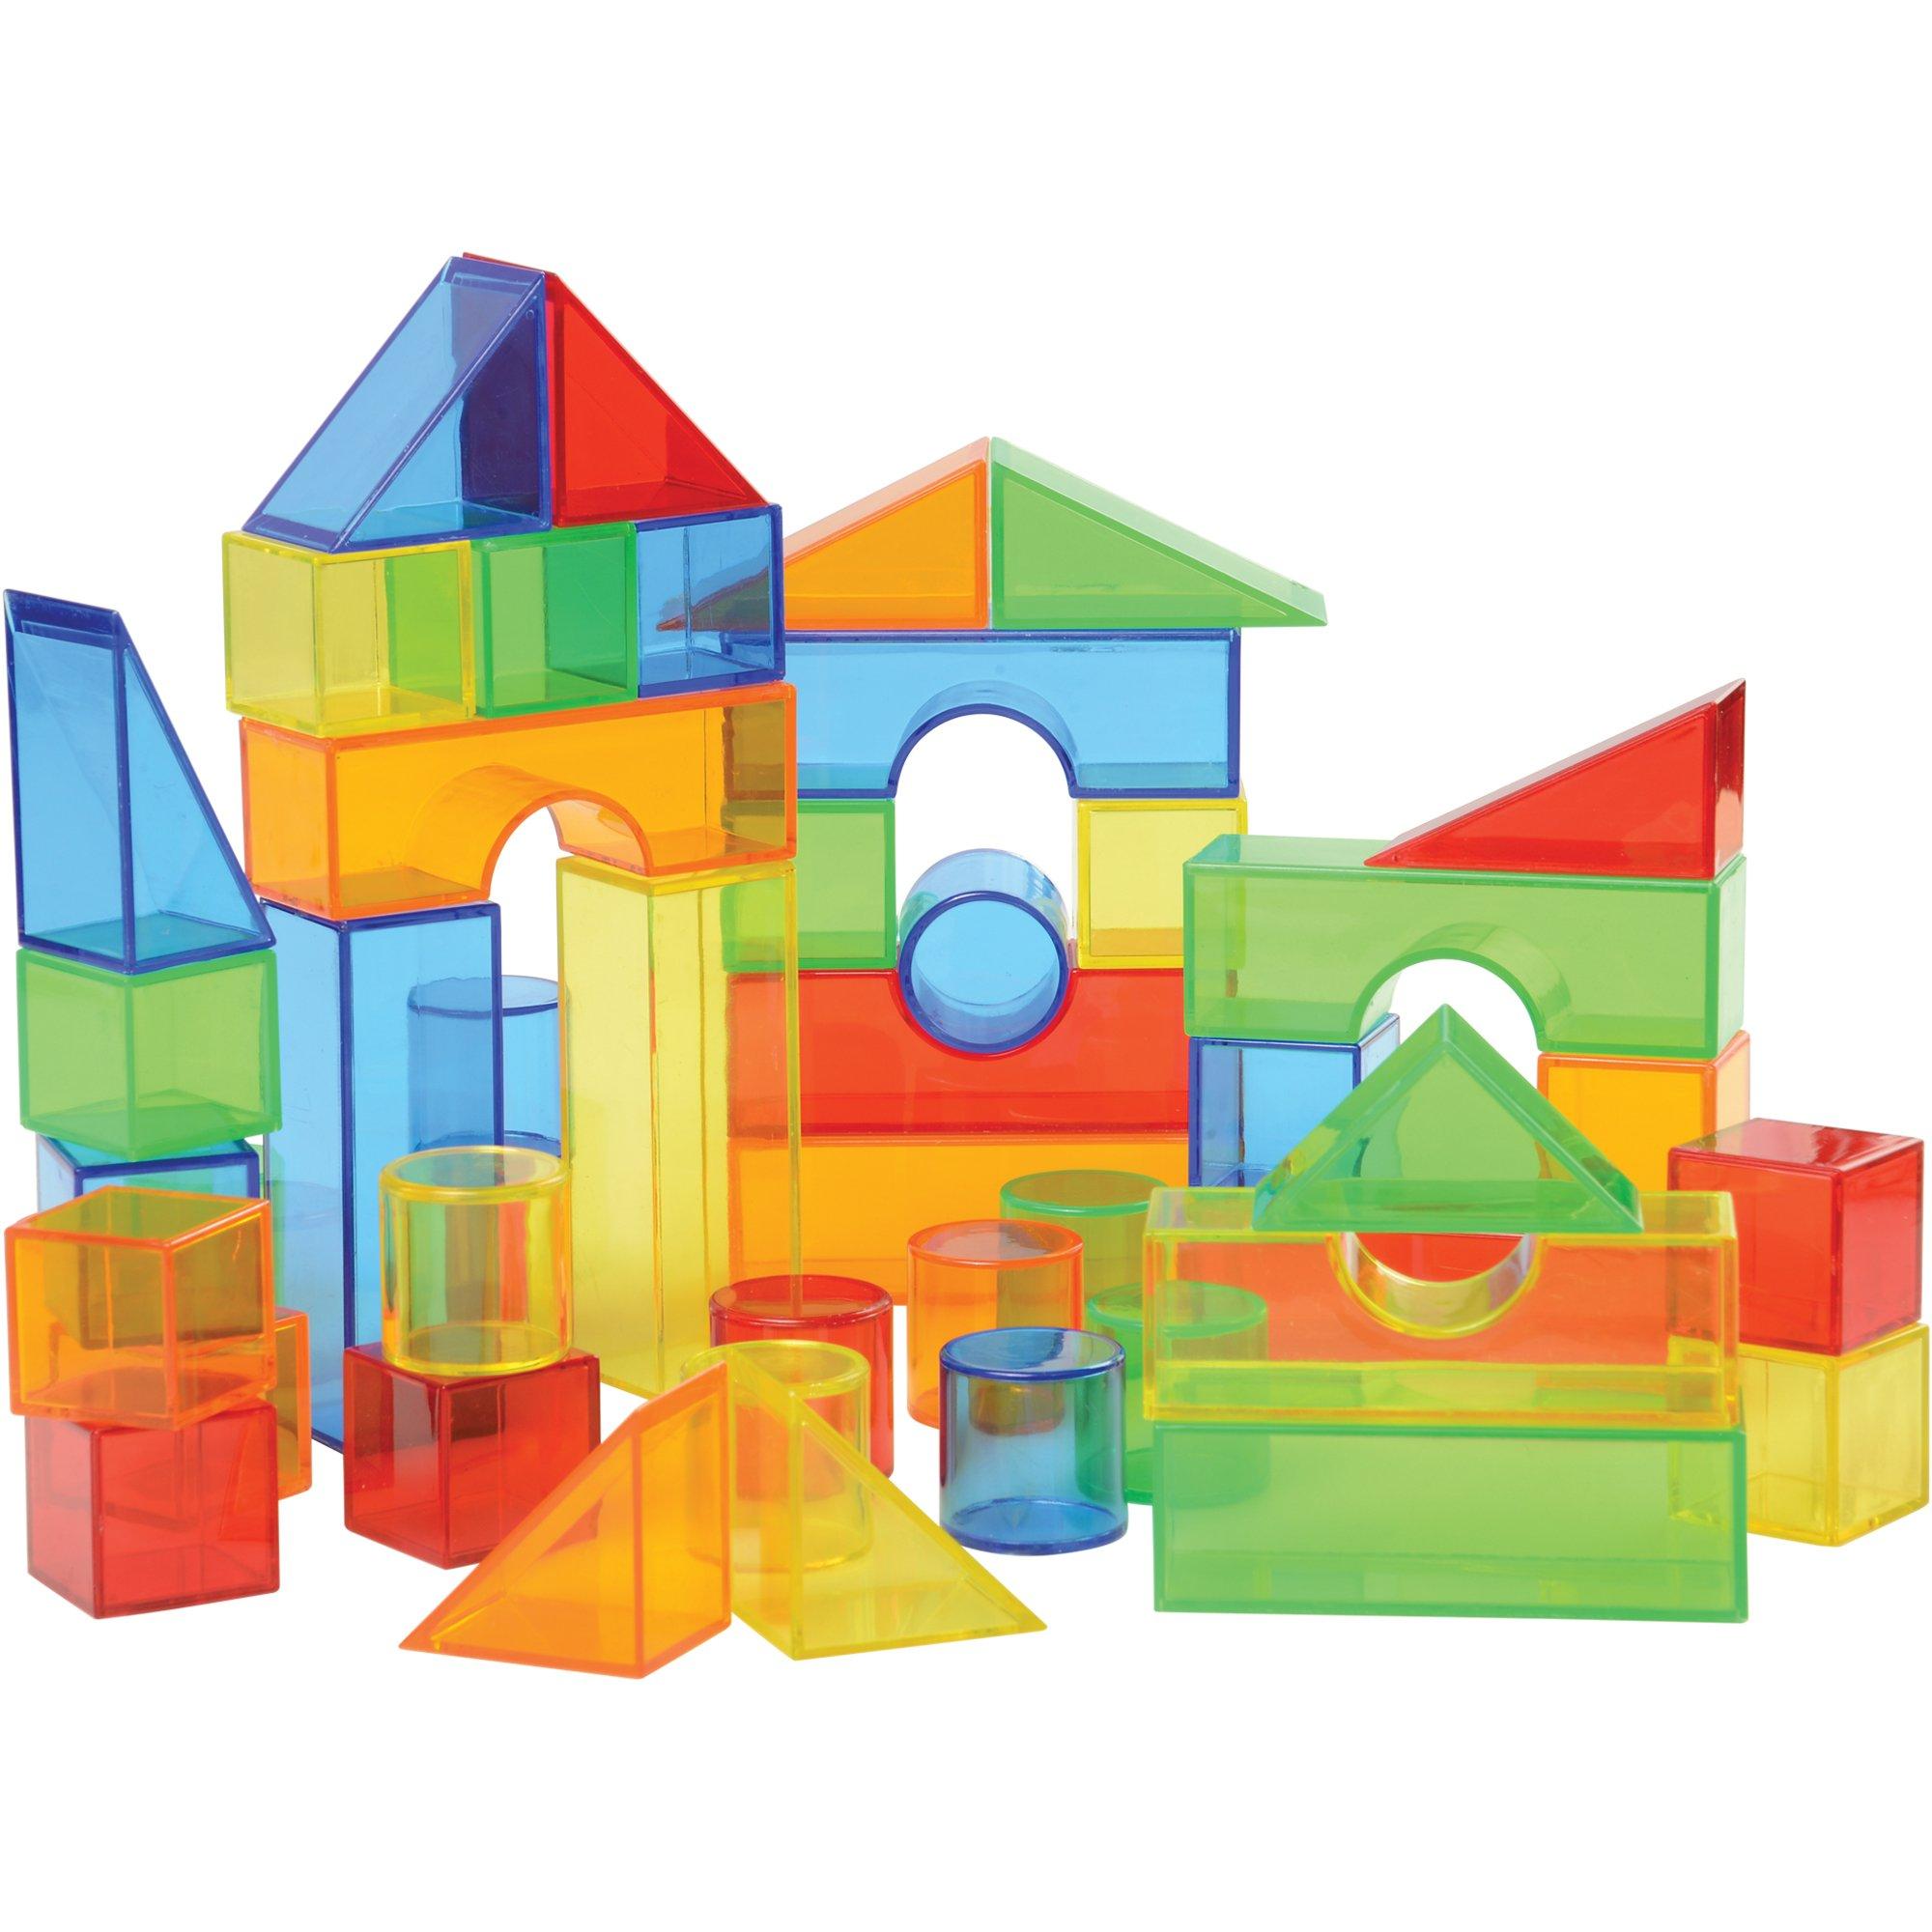 Juego de 50 Bloques de Colores translúcidos para construcción y Mesa de luz: Amazon.es: Juguetes y juegos